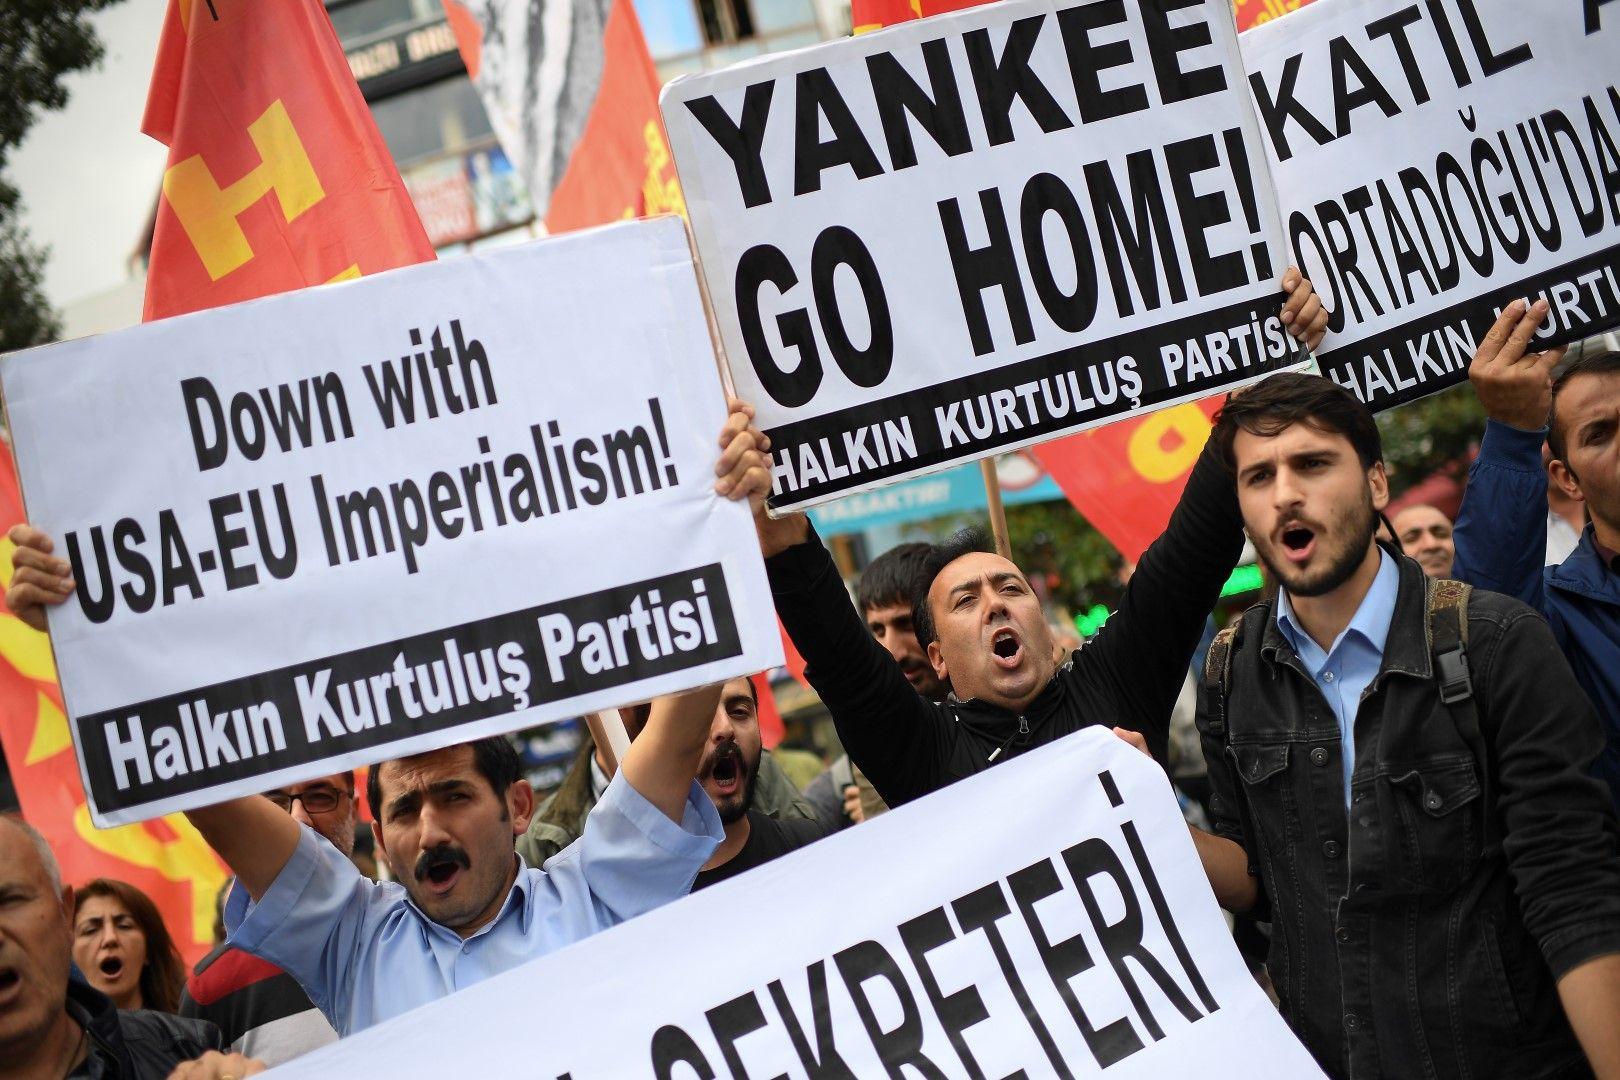 Призиви против НАТО, ЕС и САЩ по време на протест на 11 октомври в Истанбул